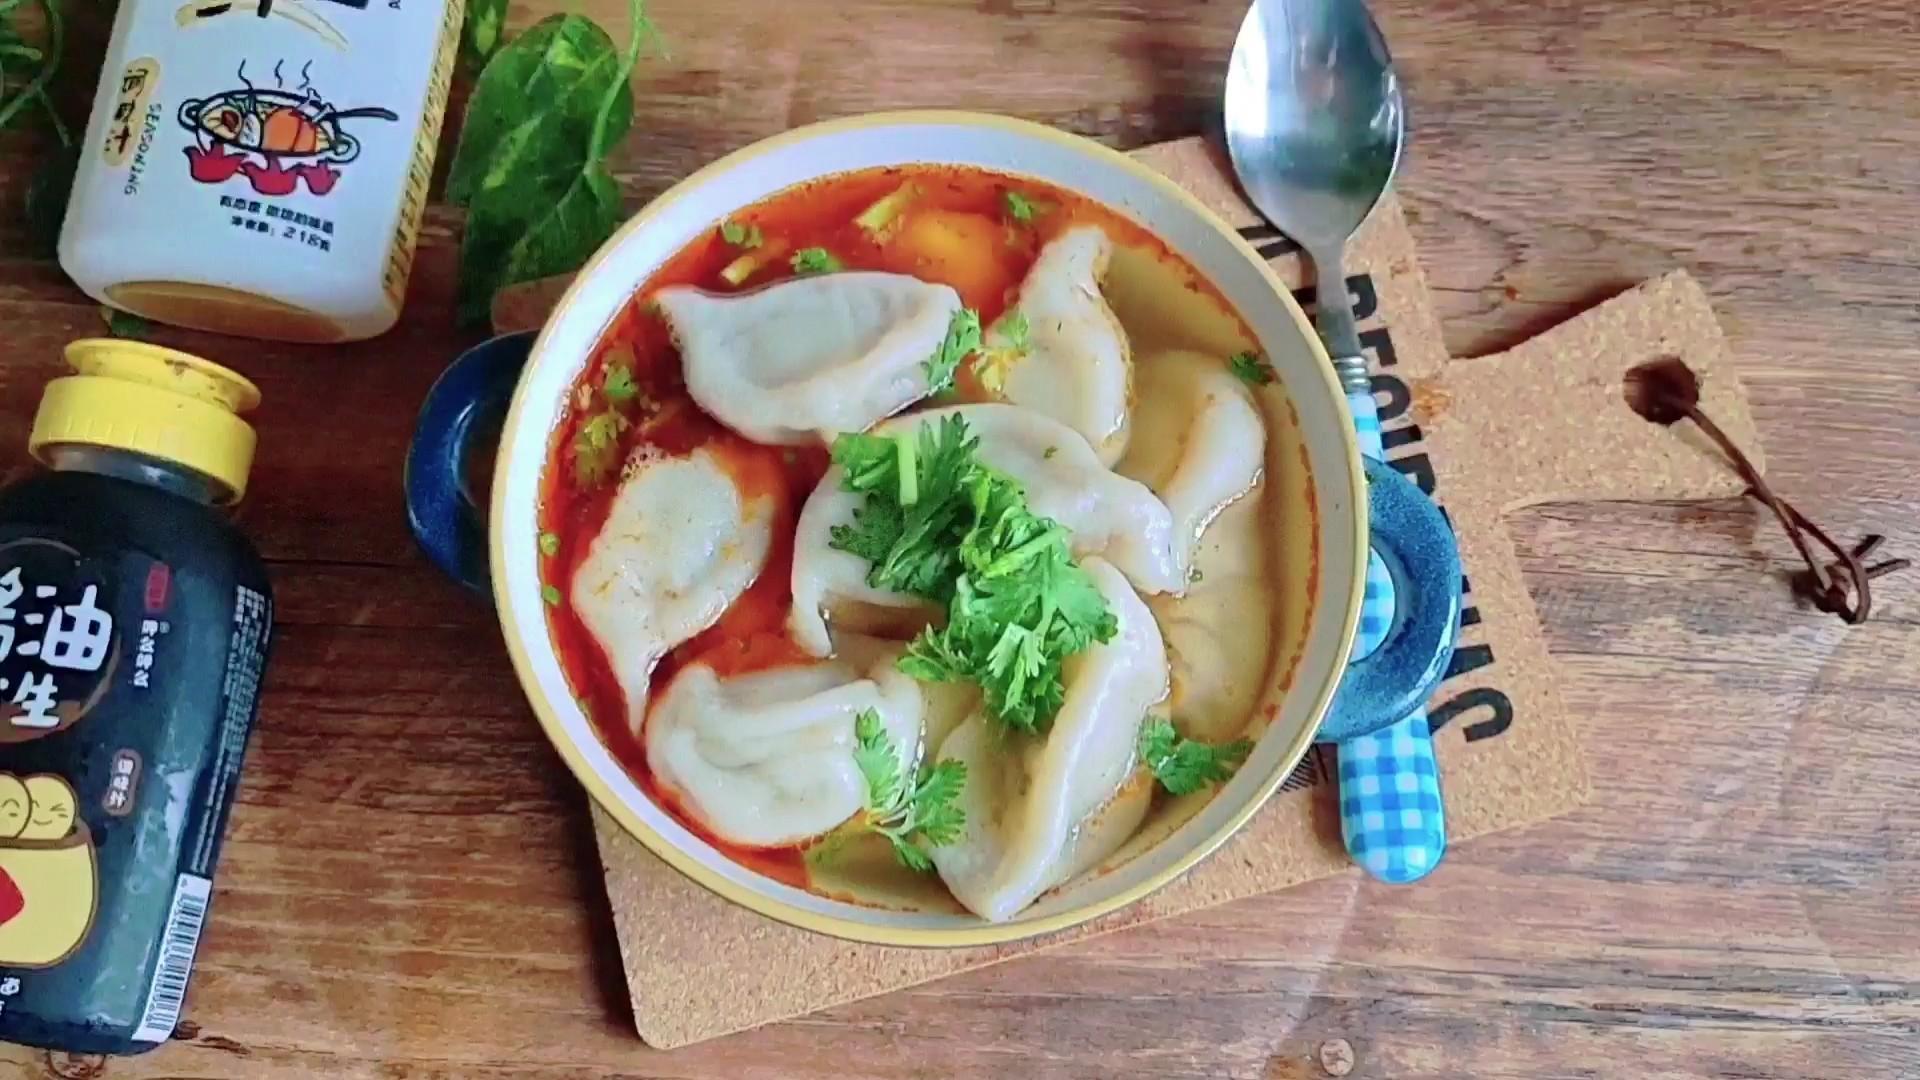 #冬至大如年#冬至吃饺子,快手餐…酸汤水饺